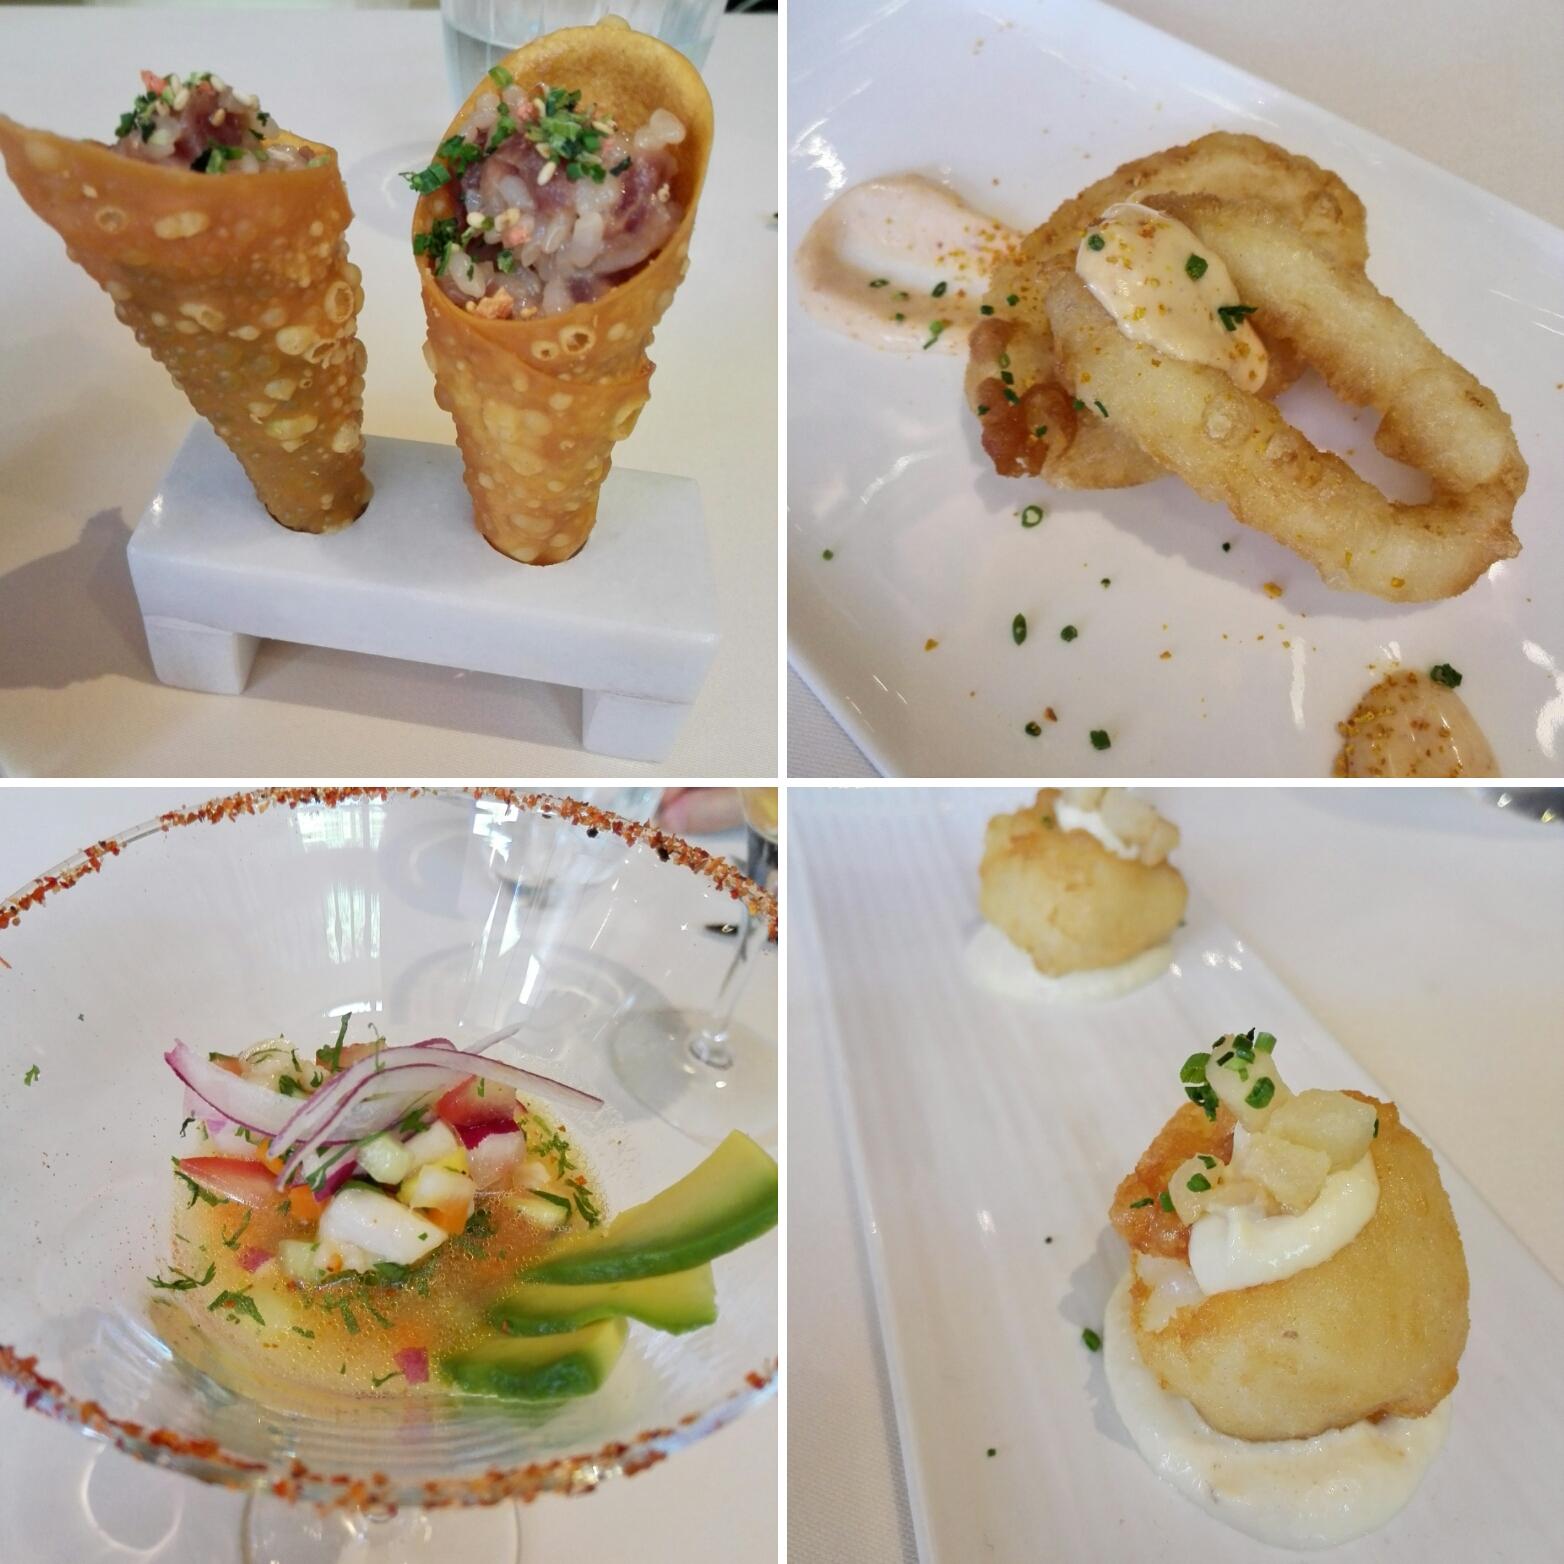 La cocina de los valientes restaurante mextizo barcelona for La cocina de los valientes